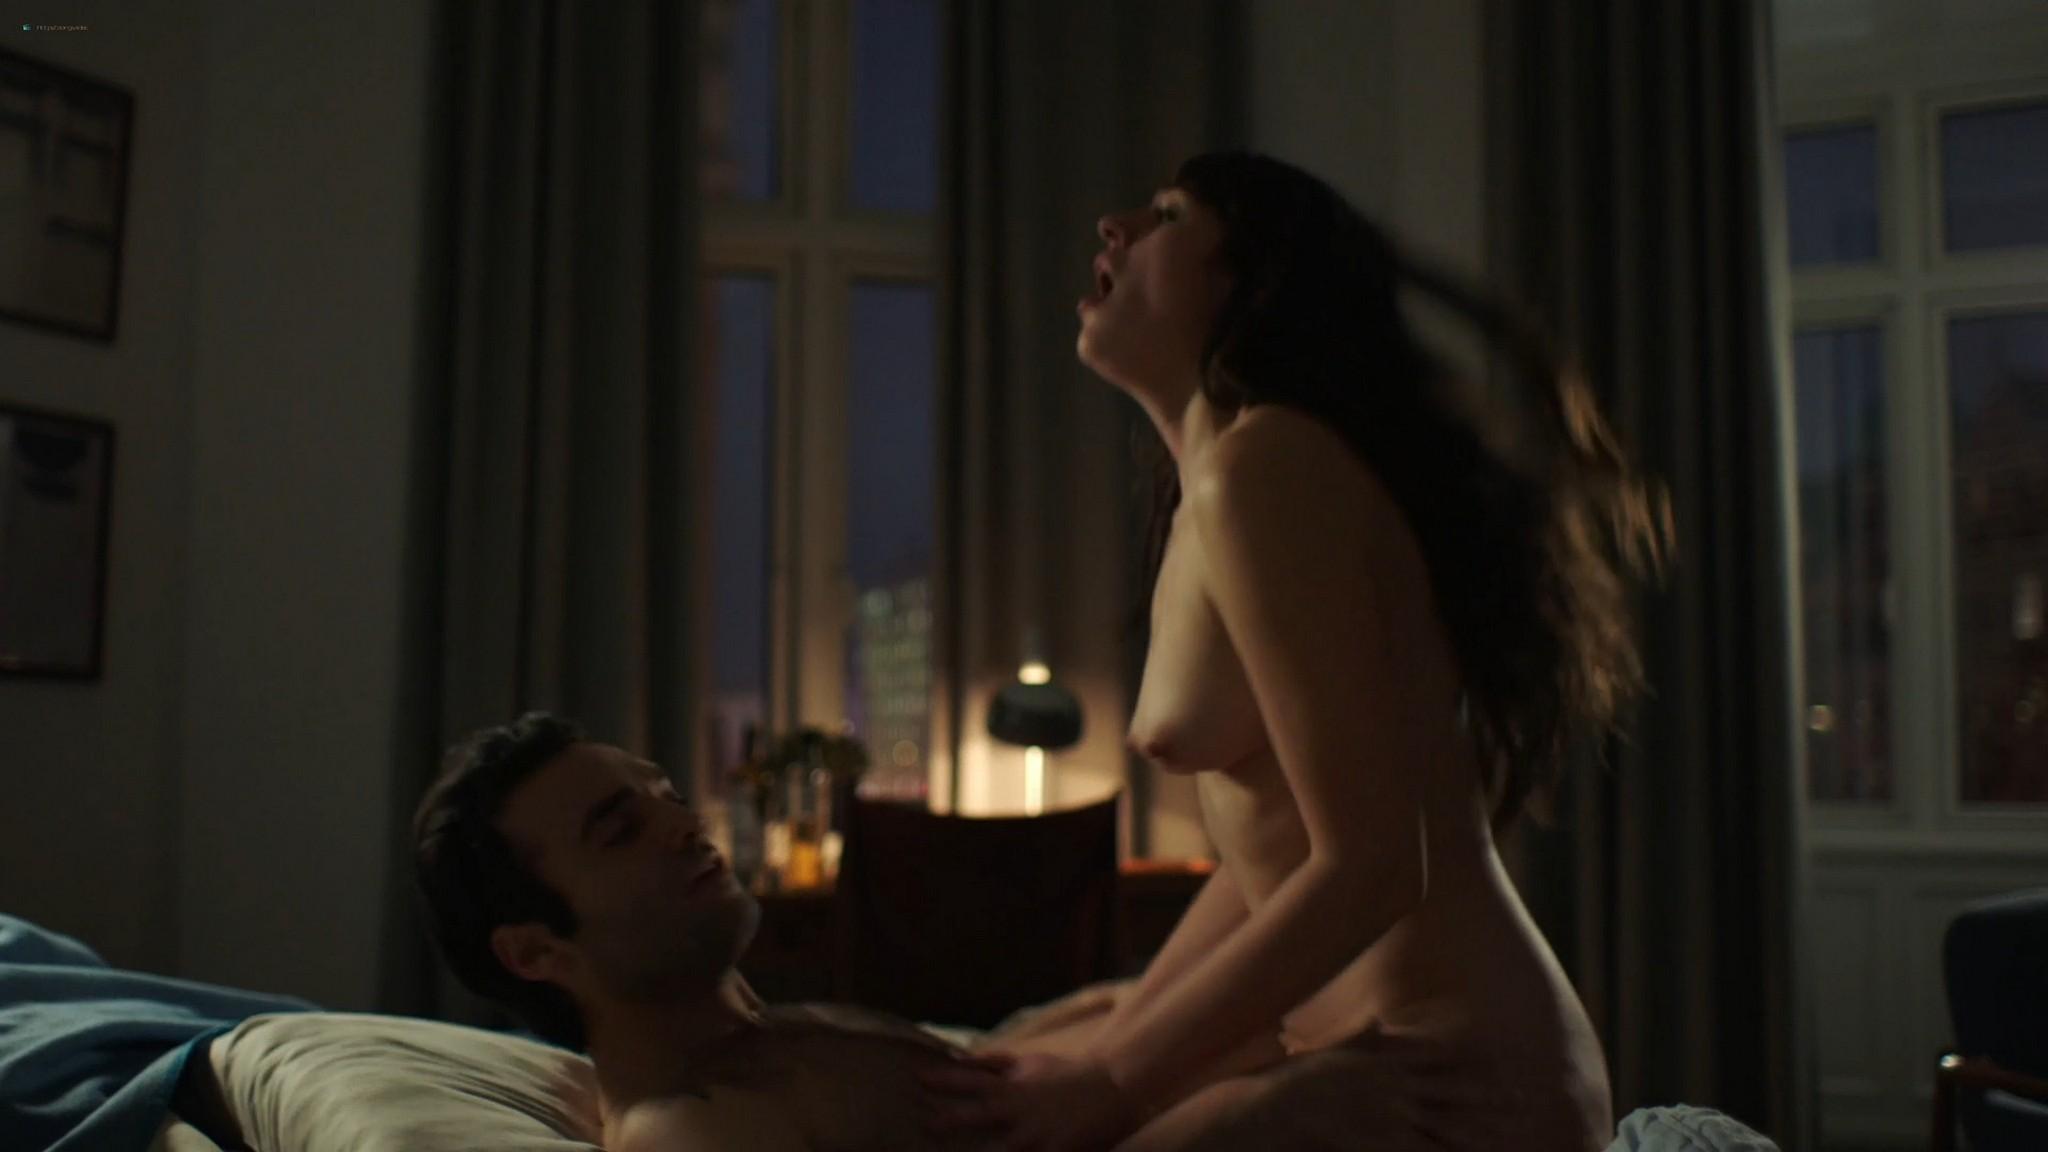 Sigrid ten Napel nude full frontal Silja Eriksen Jensen nude hot sex threesome too Kill Skills 2016 HD 1080p Web 014